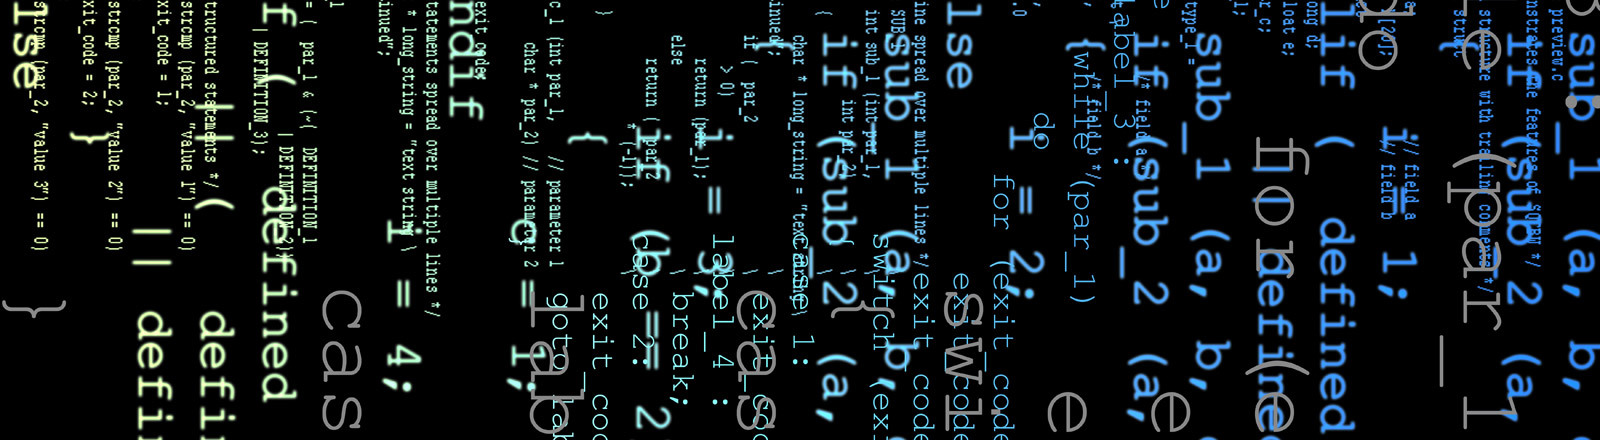 Unbestimmter Code einer Programmiersprache